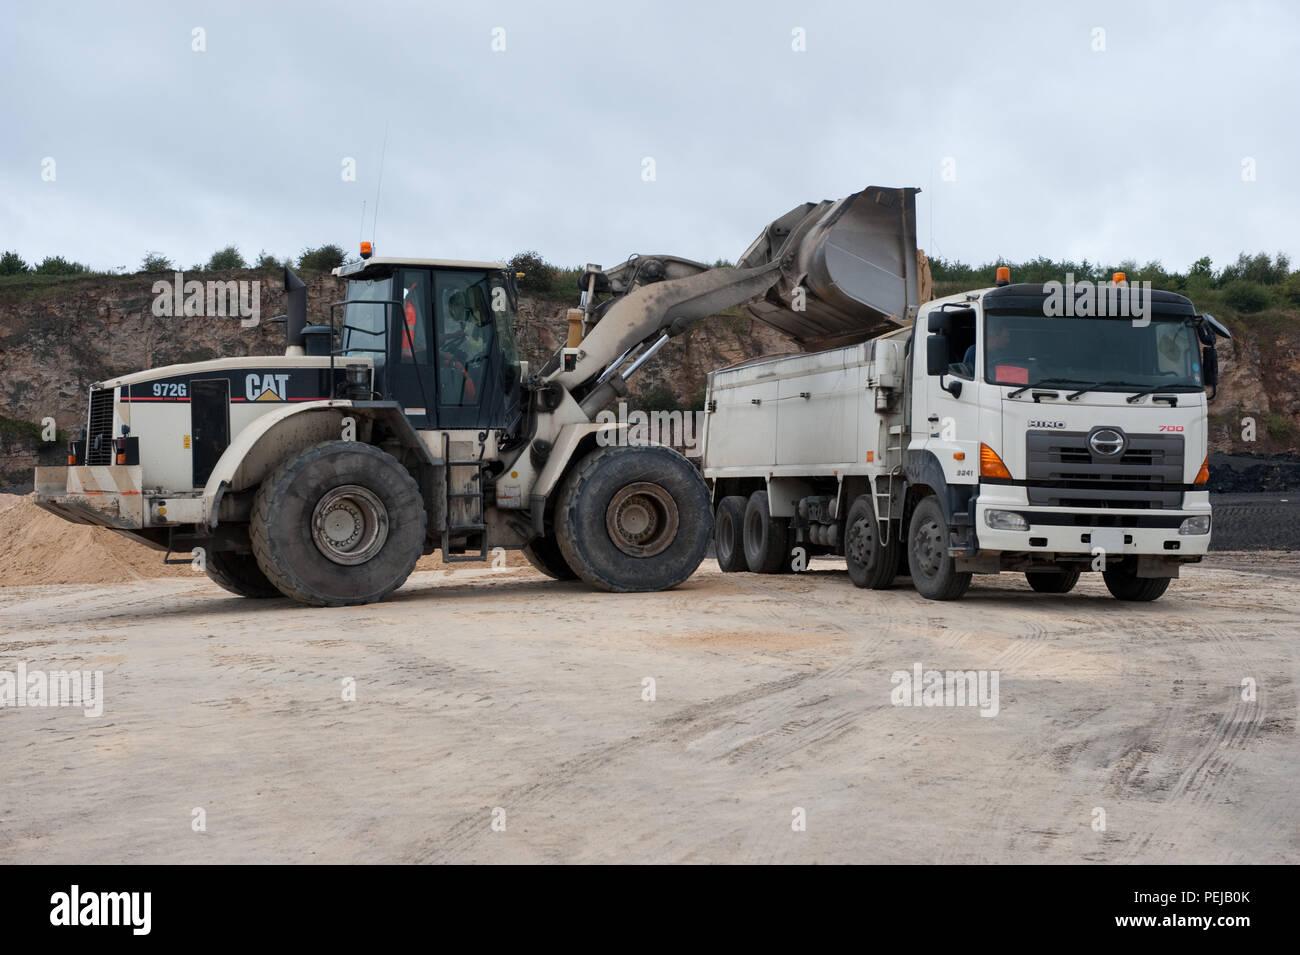 El Agregado fino se vierte en un camión para su distribución en Whitwell Cantera, Derbyshire, Reino Unido Imagen De Stock